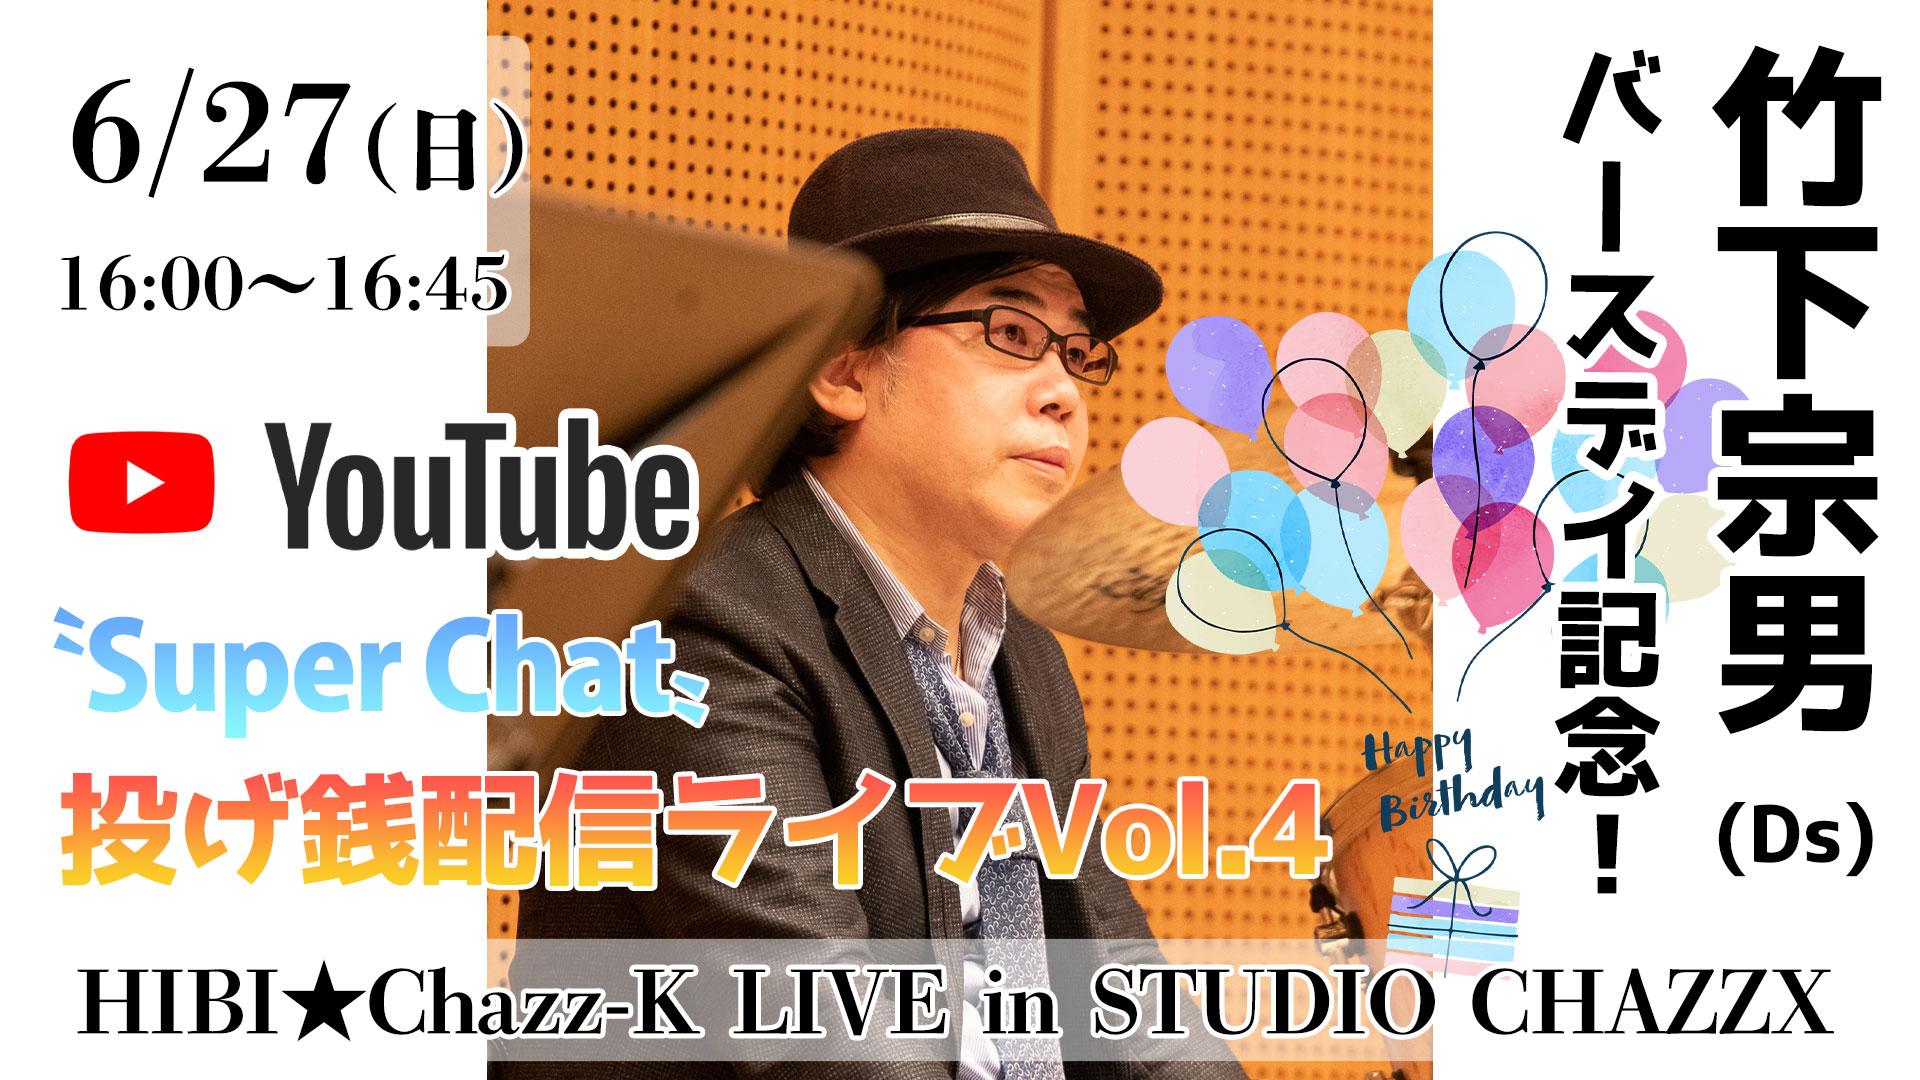 6/27(日)「HIBI★Chazz-K LIVE in STUDIO CHAZZX 〜 『竹下宗男(Ds)バースデイ記念!』Super Chat投げ銭配信ライブ!Vol.4」